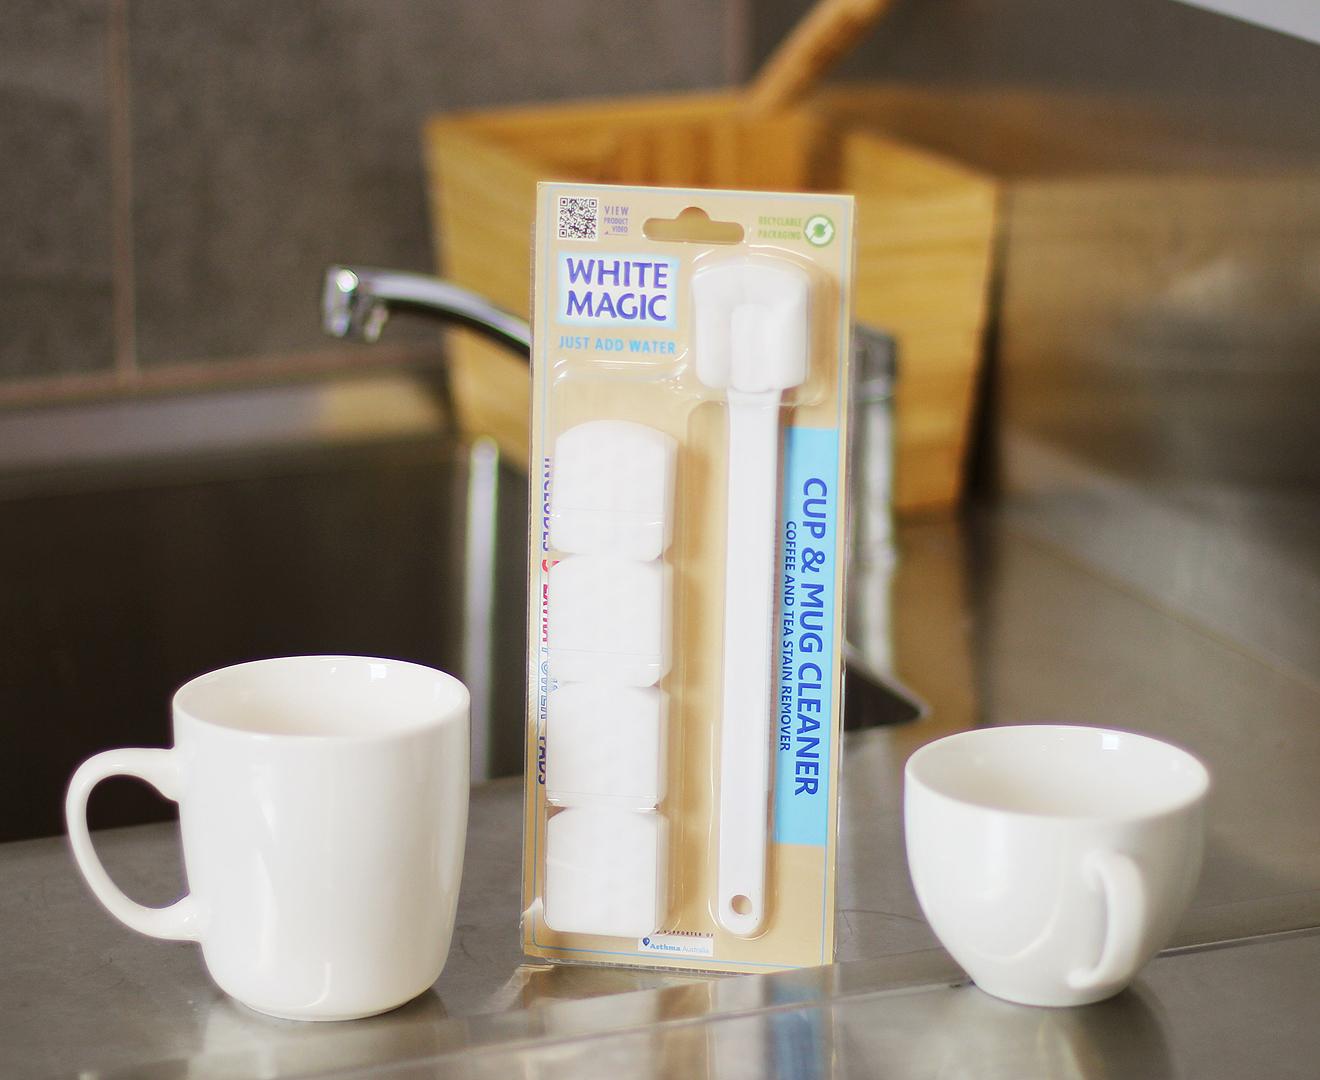 White Magic Cup & Mug Cleaner